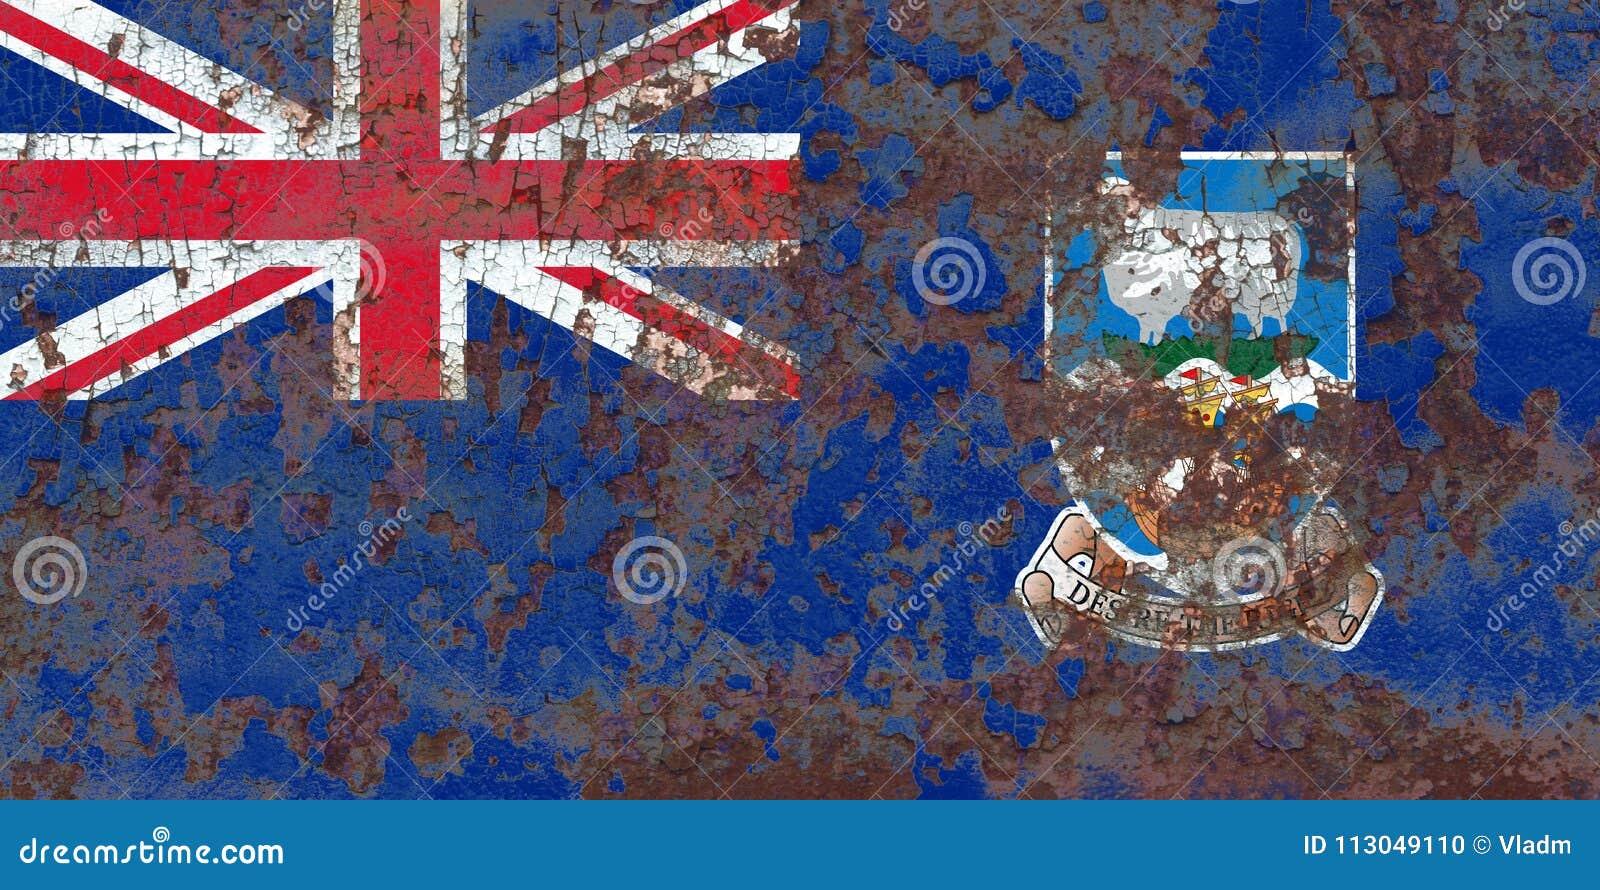 Falkland Islands grungeflagga, brittiska utländska territorier, britt